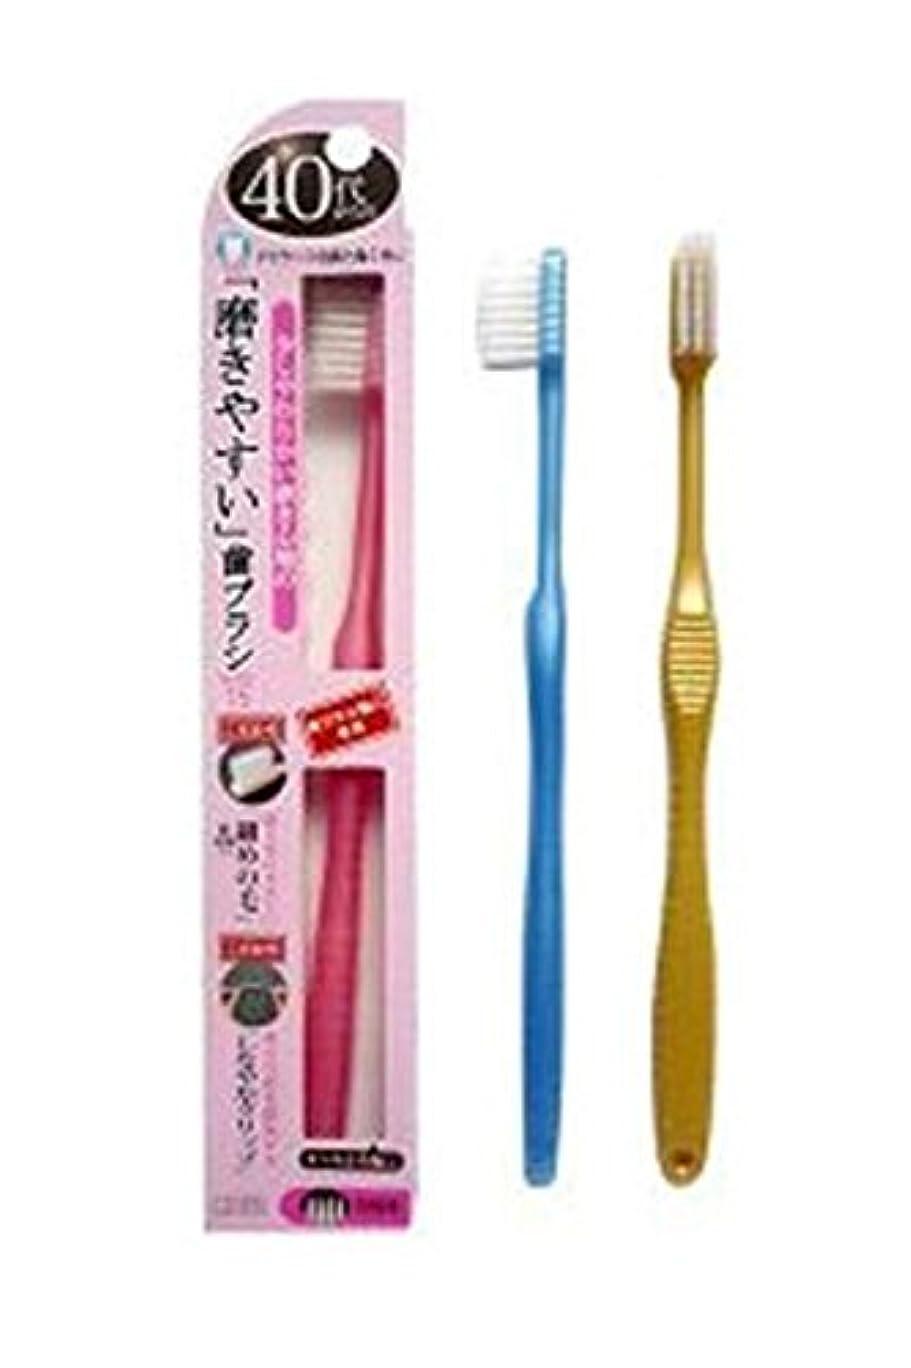 妻スピーチ先のことを考えるライフレンジ 40代からの「磨きやすい」歯ブラシ 先細 12本 (ピンク4、ブルー4、ゴールド4)アソート